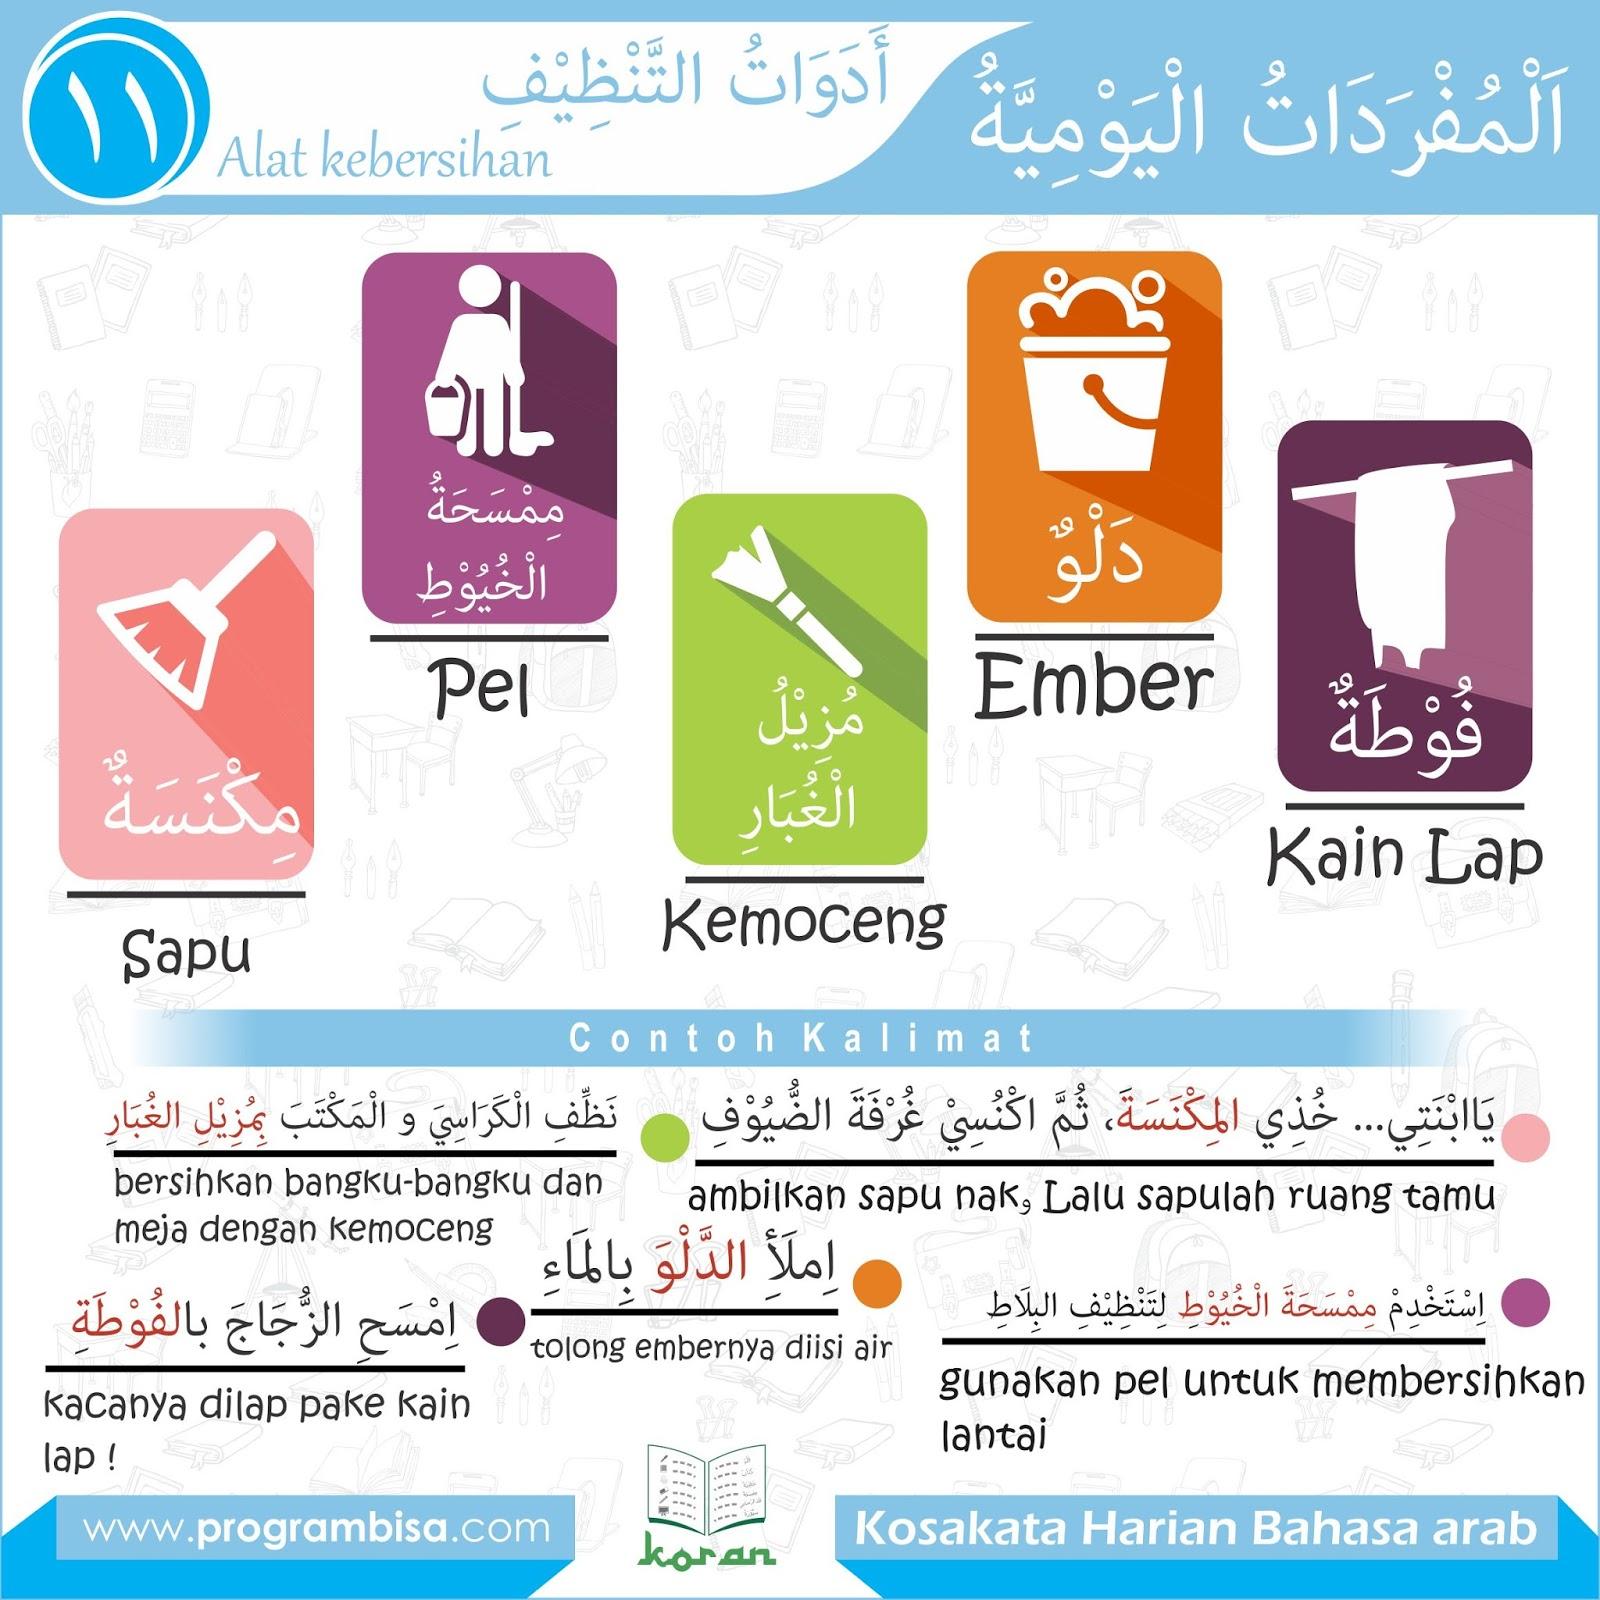 Dalam Saling Belajar Bahasa Arab Lebih Mudah Cara Mennya Sangat Langsung Saja Klik Kanan Lalu Save As Berikut Kosakata Arabnya